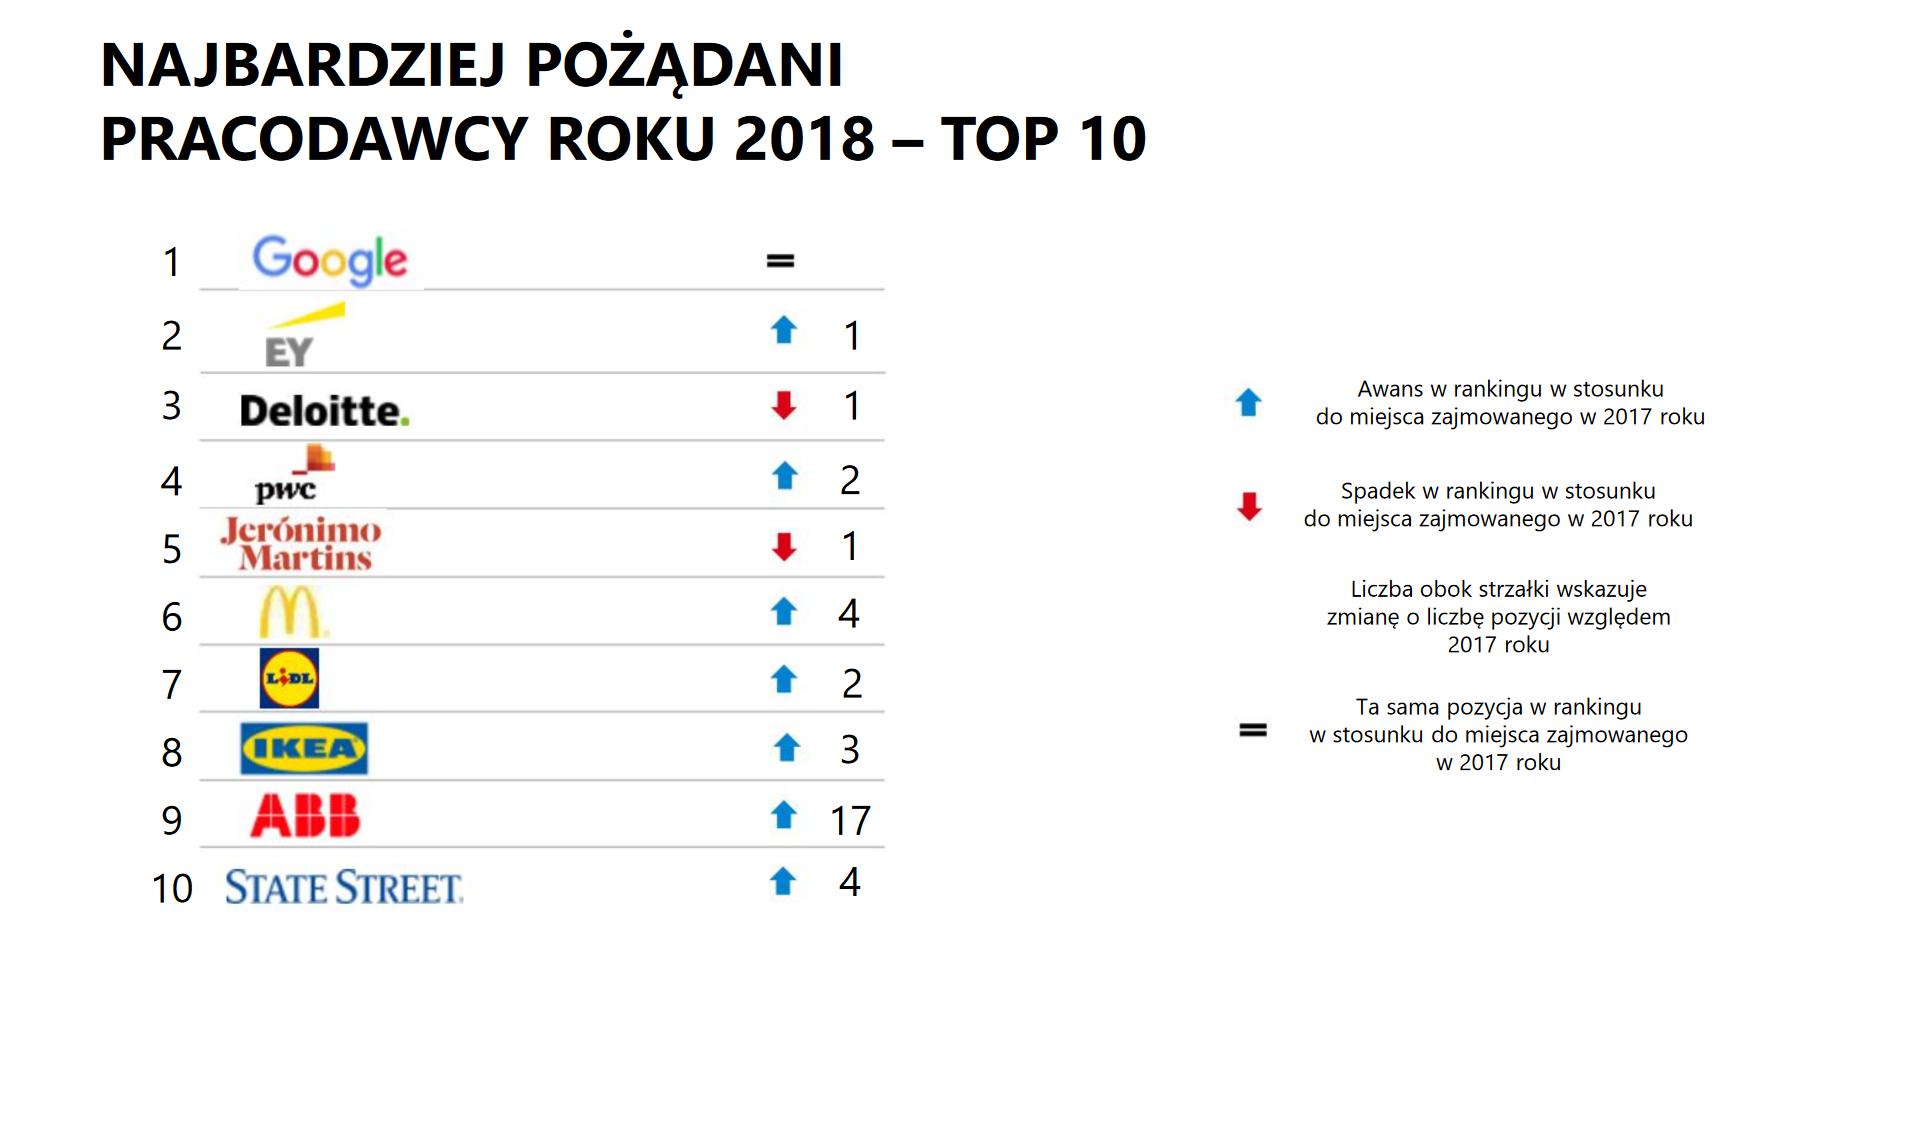 Zestawienie firm, które studenci wybierali, jako PRacodawcę Roku 2018, z uwzględnieniem porównania do roku 2017. (źródło: aiesec.pl)